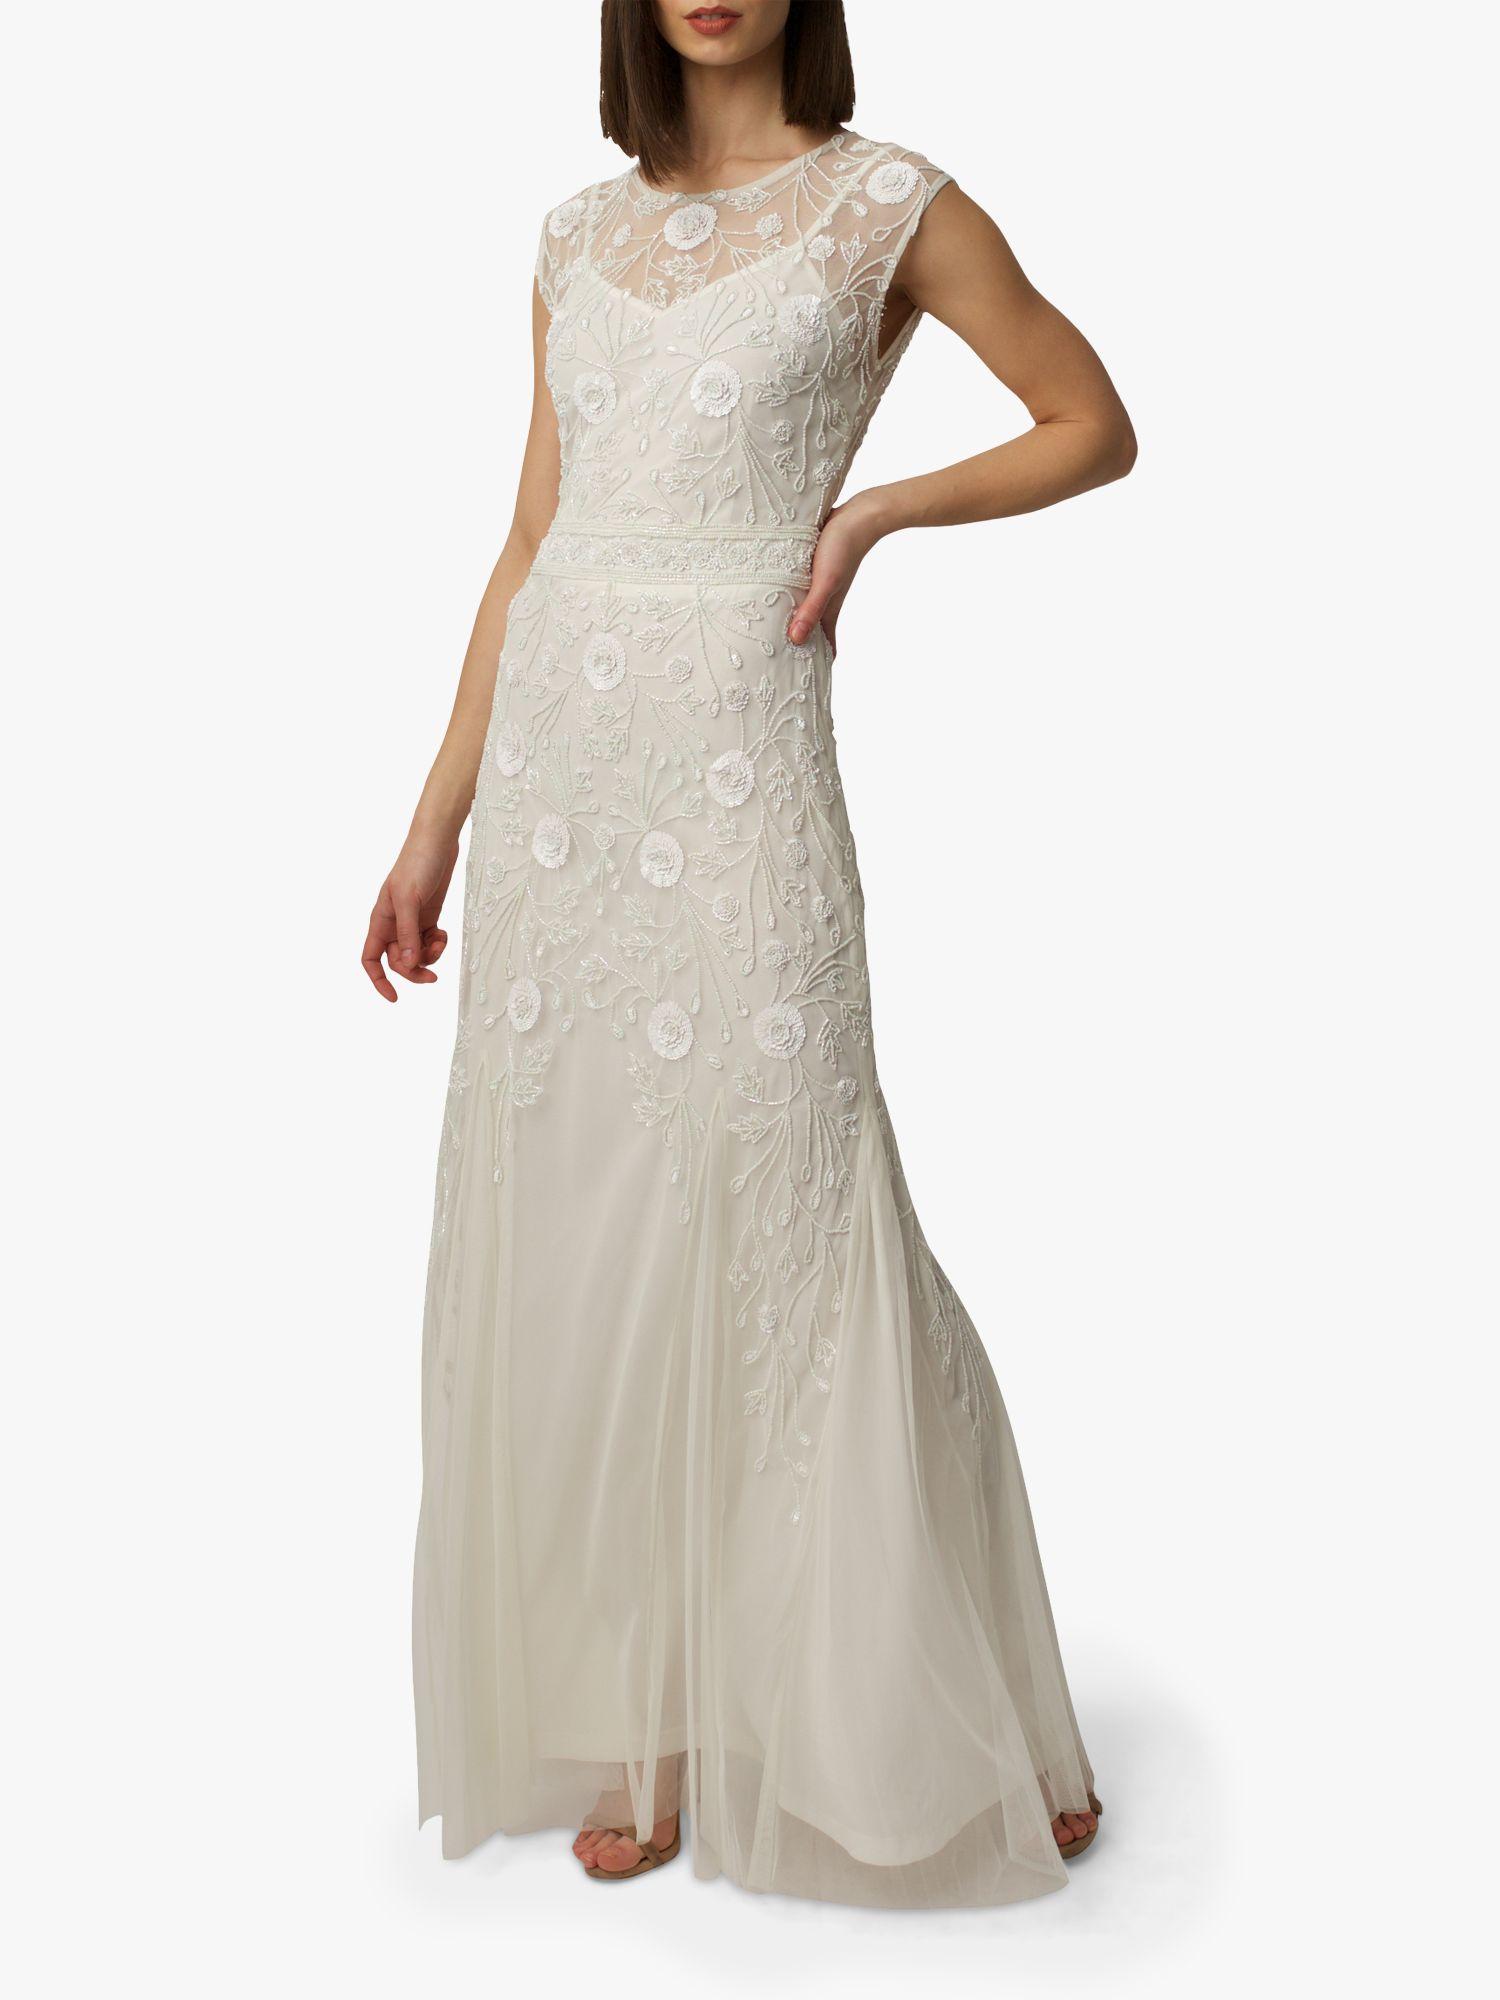 RAISHMA Raishma Alice Embellished Bridal Gown, White Ivory